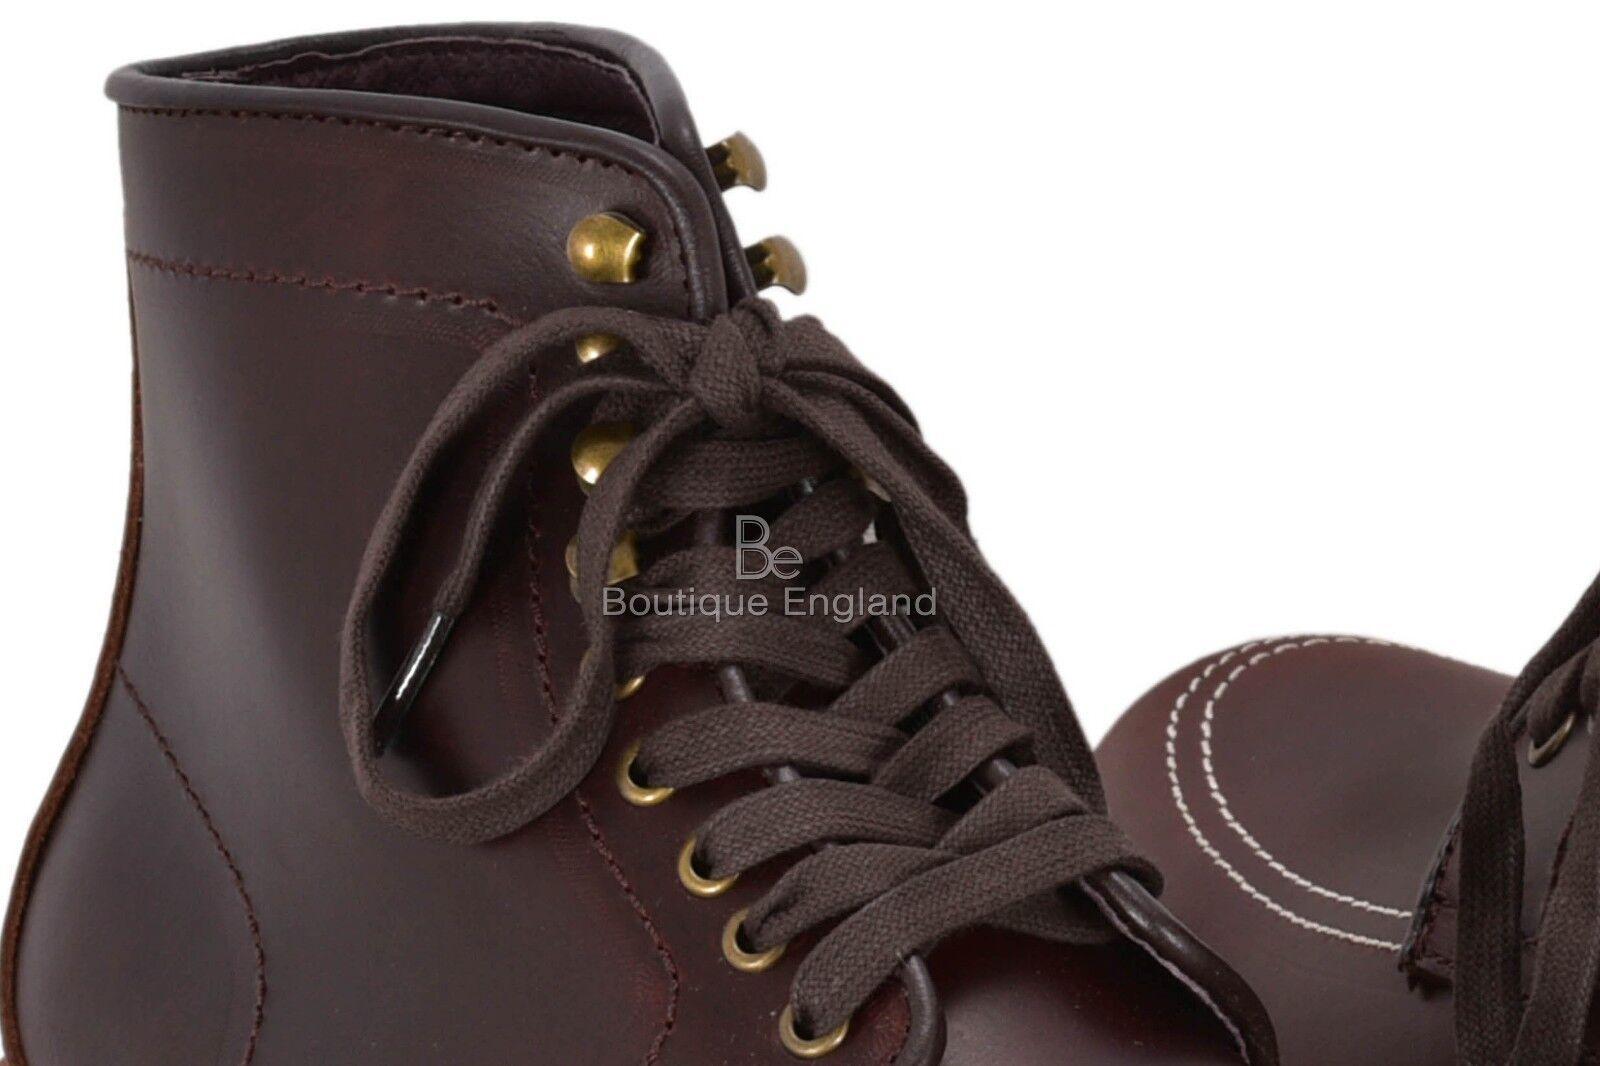 VINTAGE LOOK classico pelle Stivali Alti Alla Caviglia Scuro Marrone Scuro Caviglia Look occidentale 8214a7